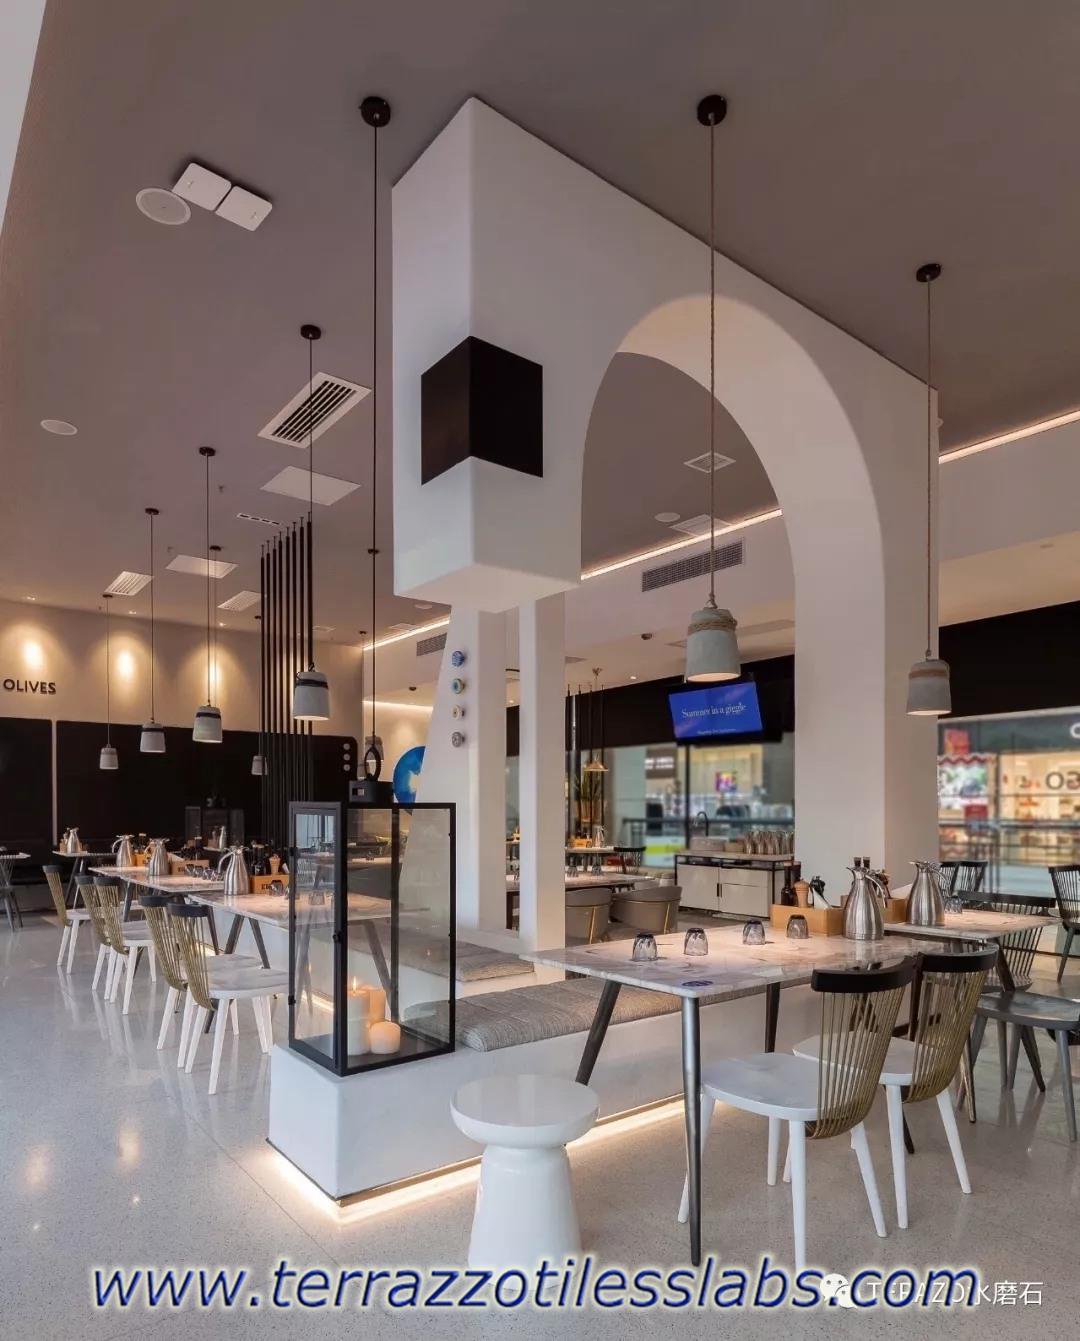 White Terrazzo Tiles for Restaurant